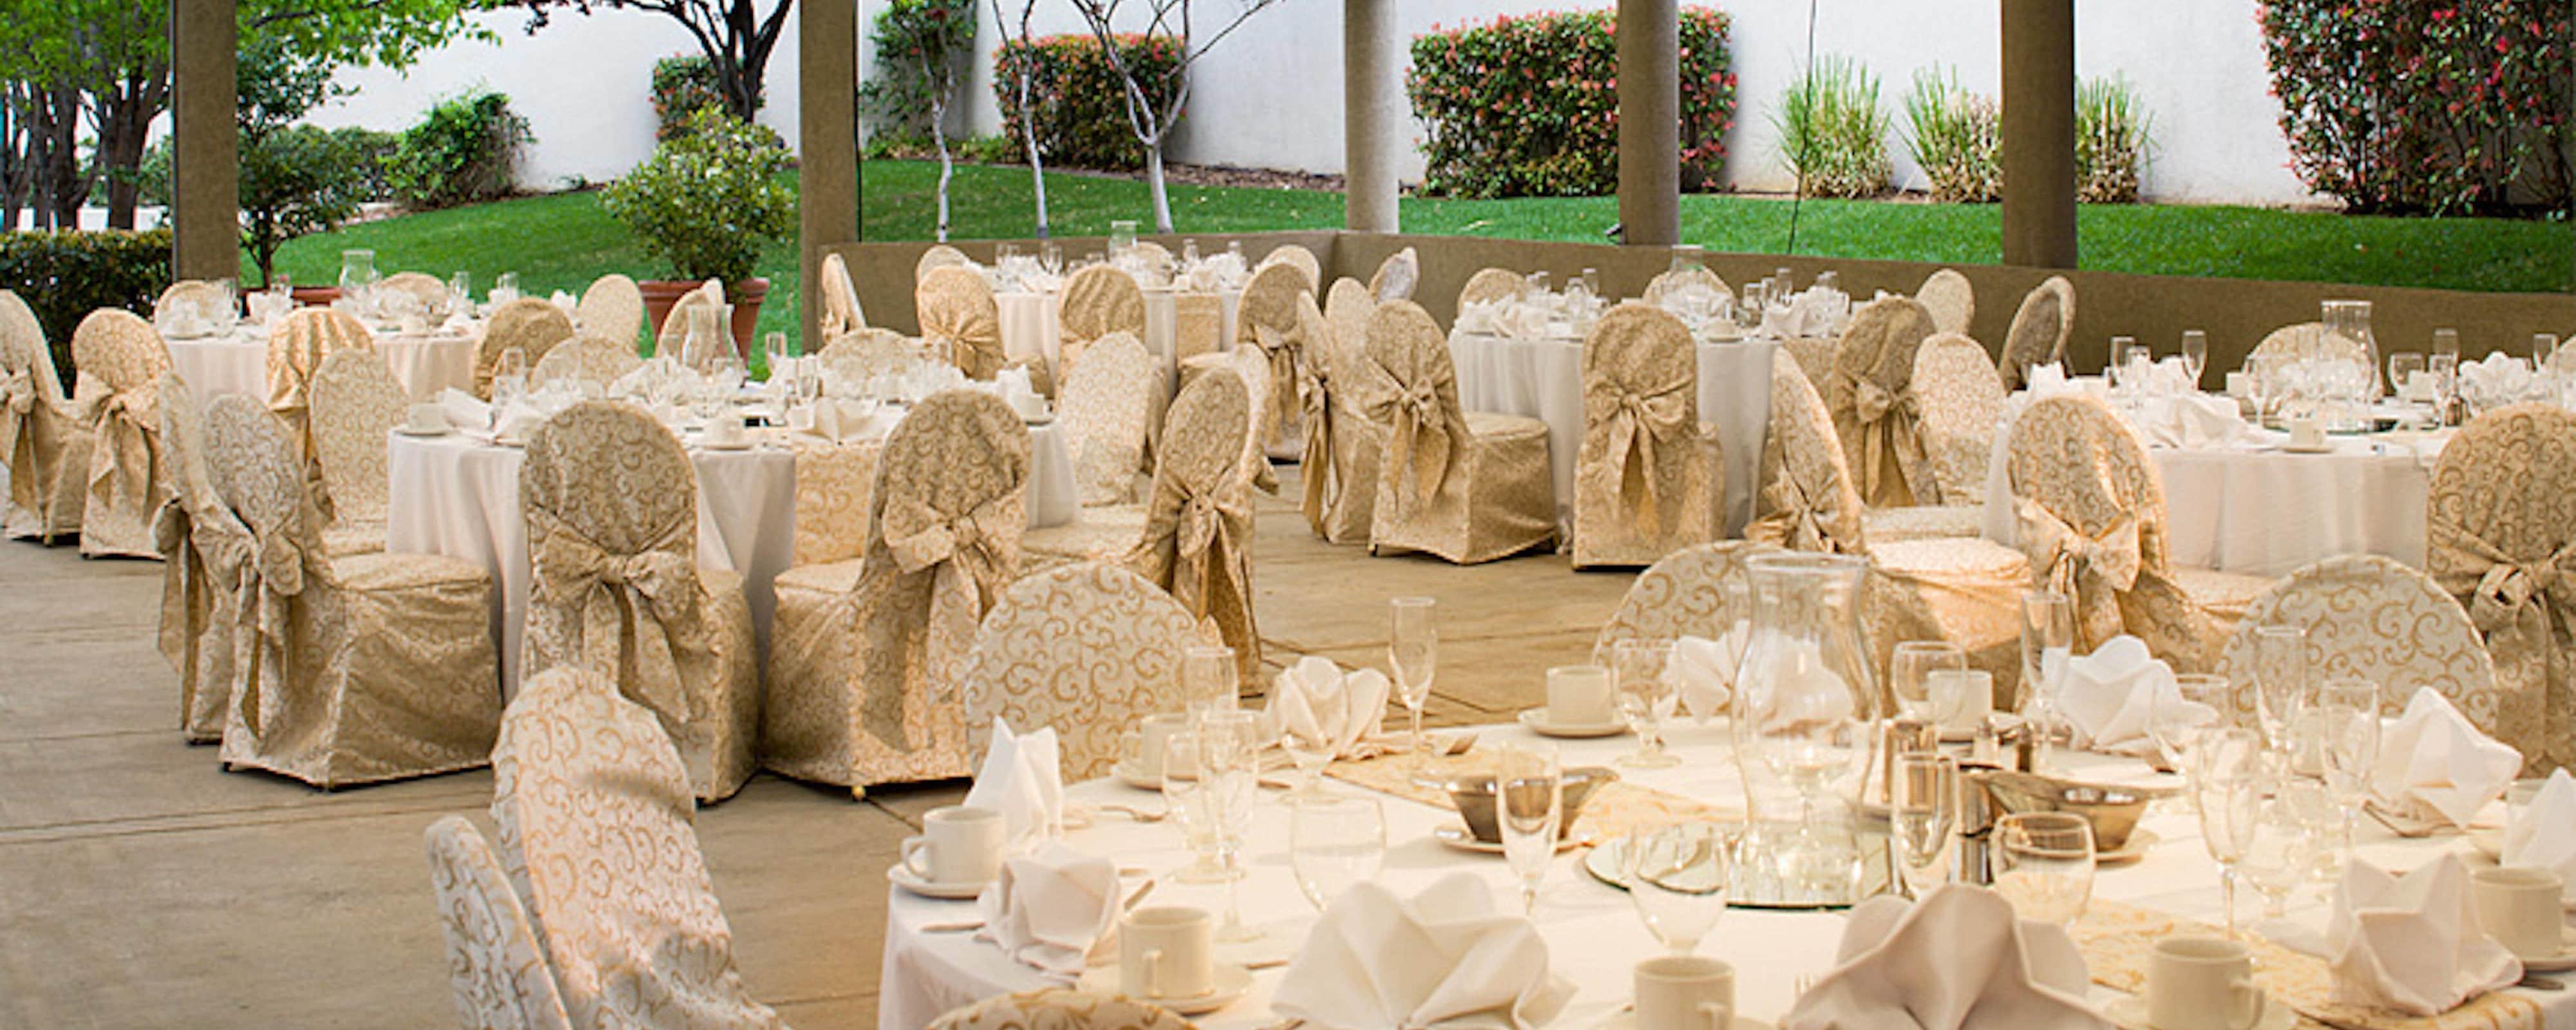 Outdoor Albuquerque Wedding Venues And Reception Halls Marriott